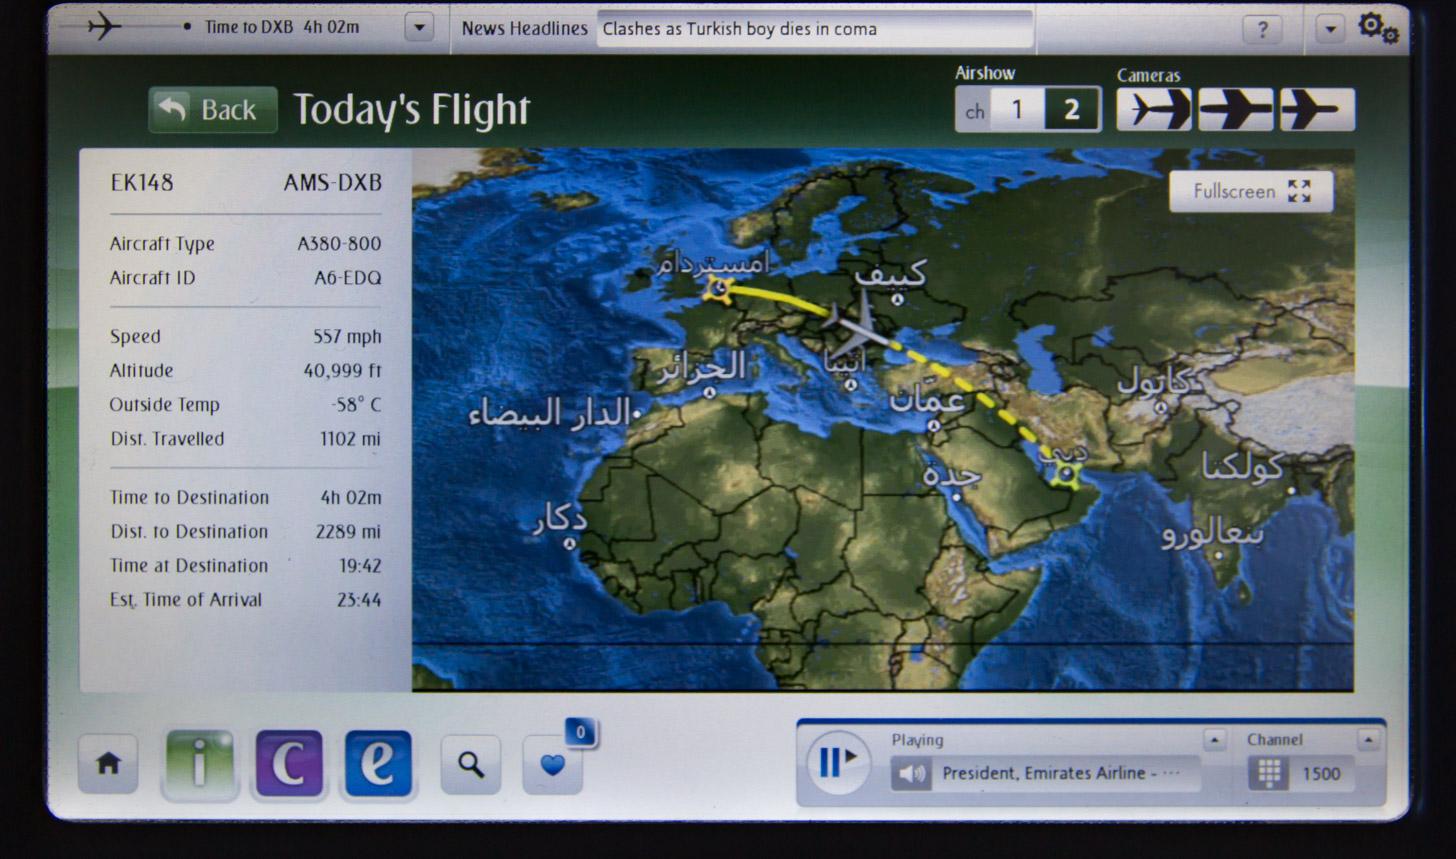 Beeldscherm met vluchtinformatie over Emirates vlucht van Amsterdam naar Dubai